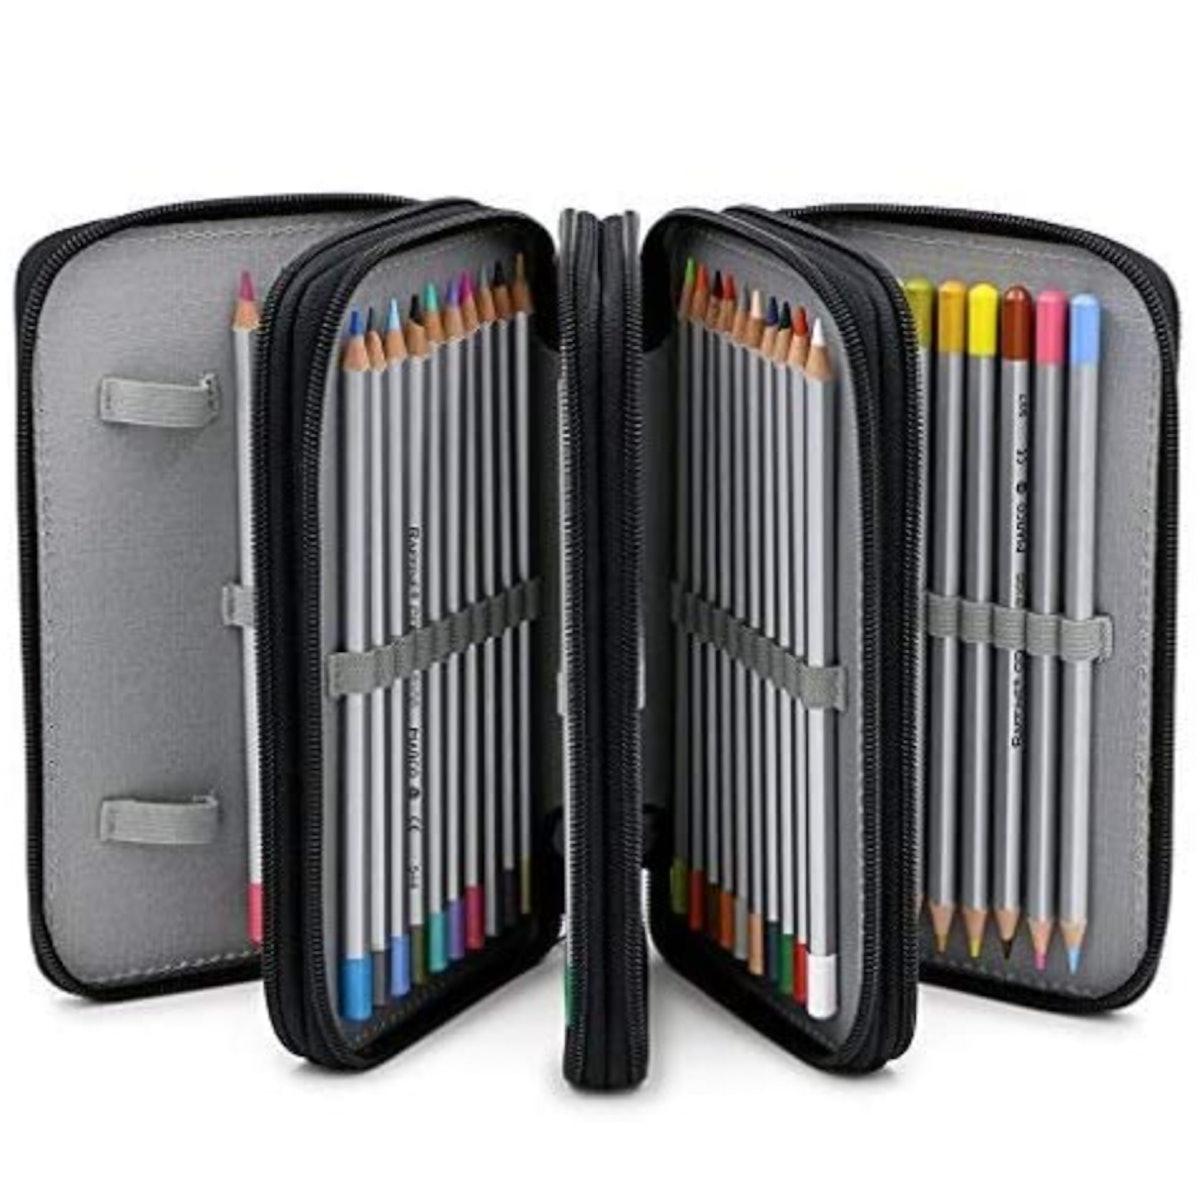 BTSKY Pencil Bag